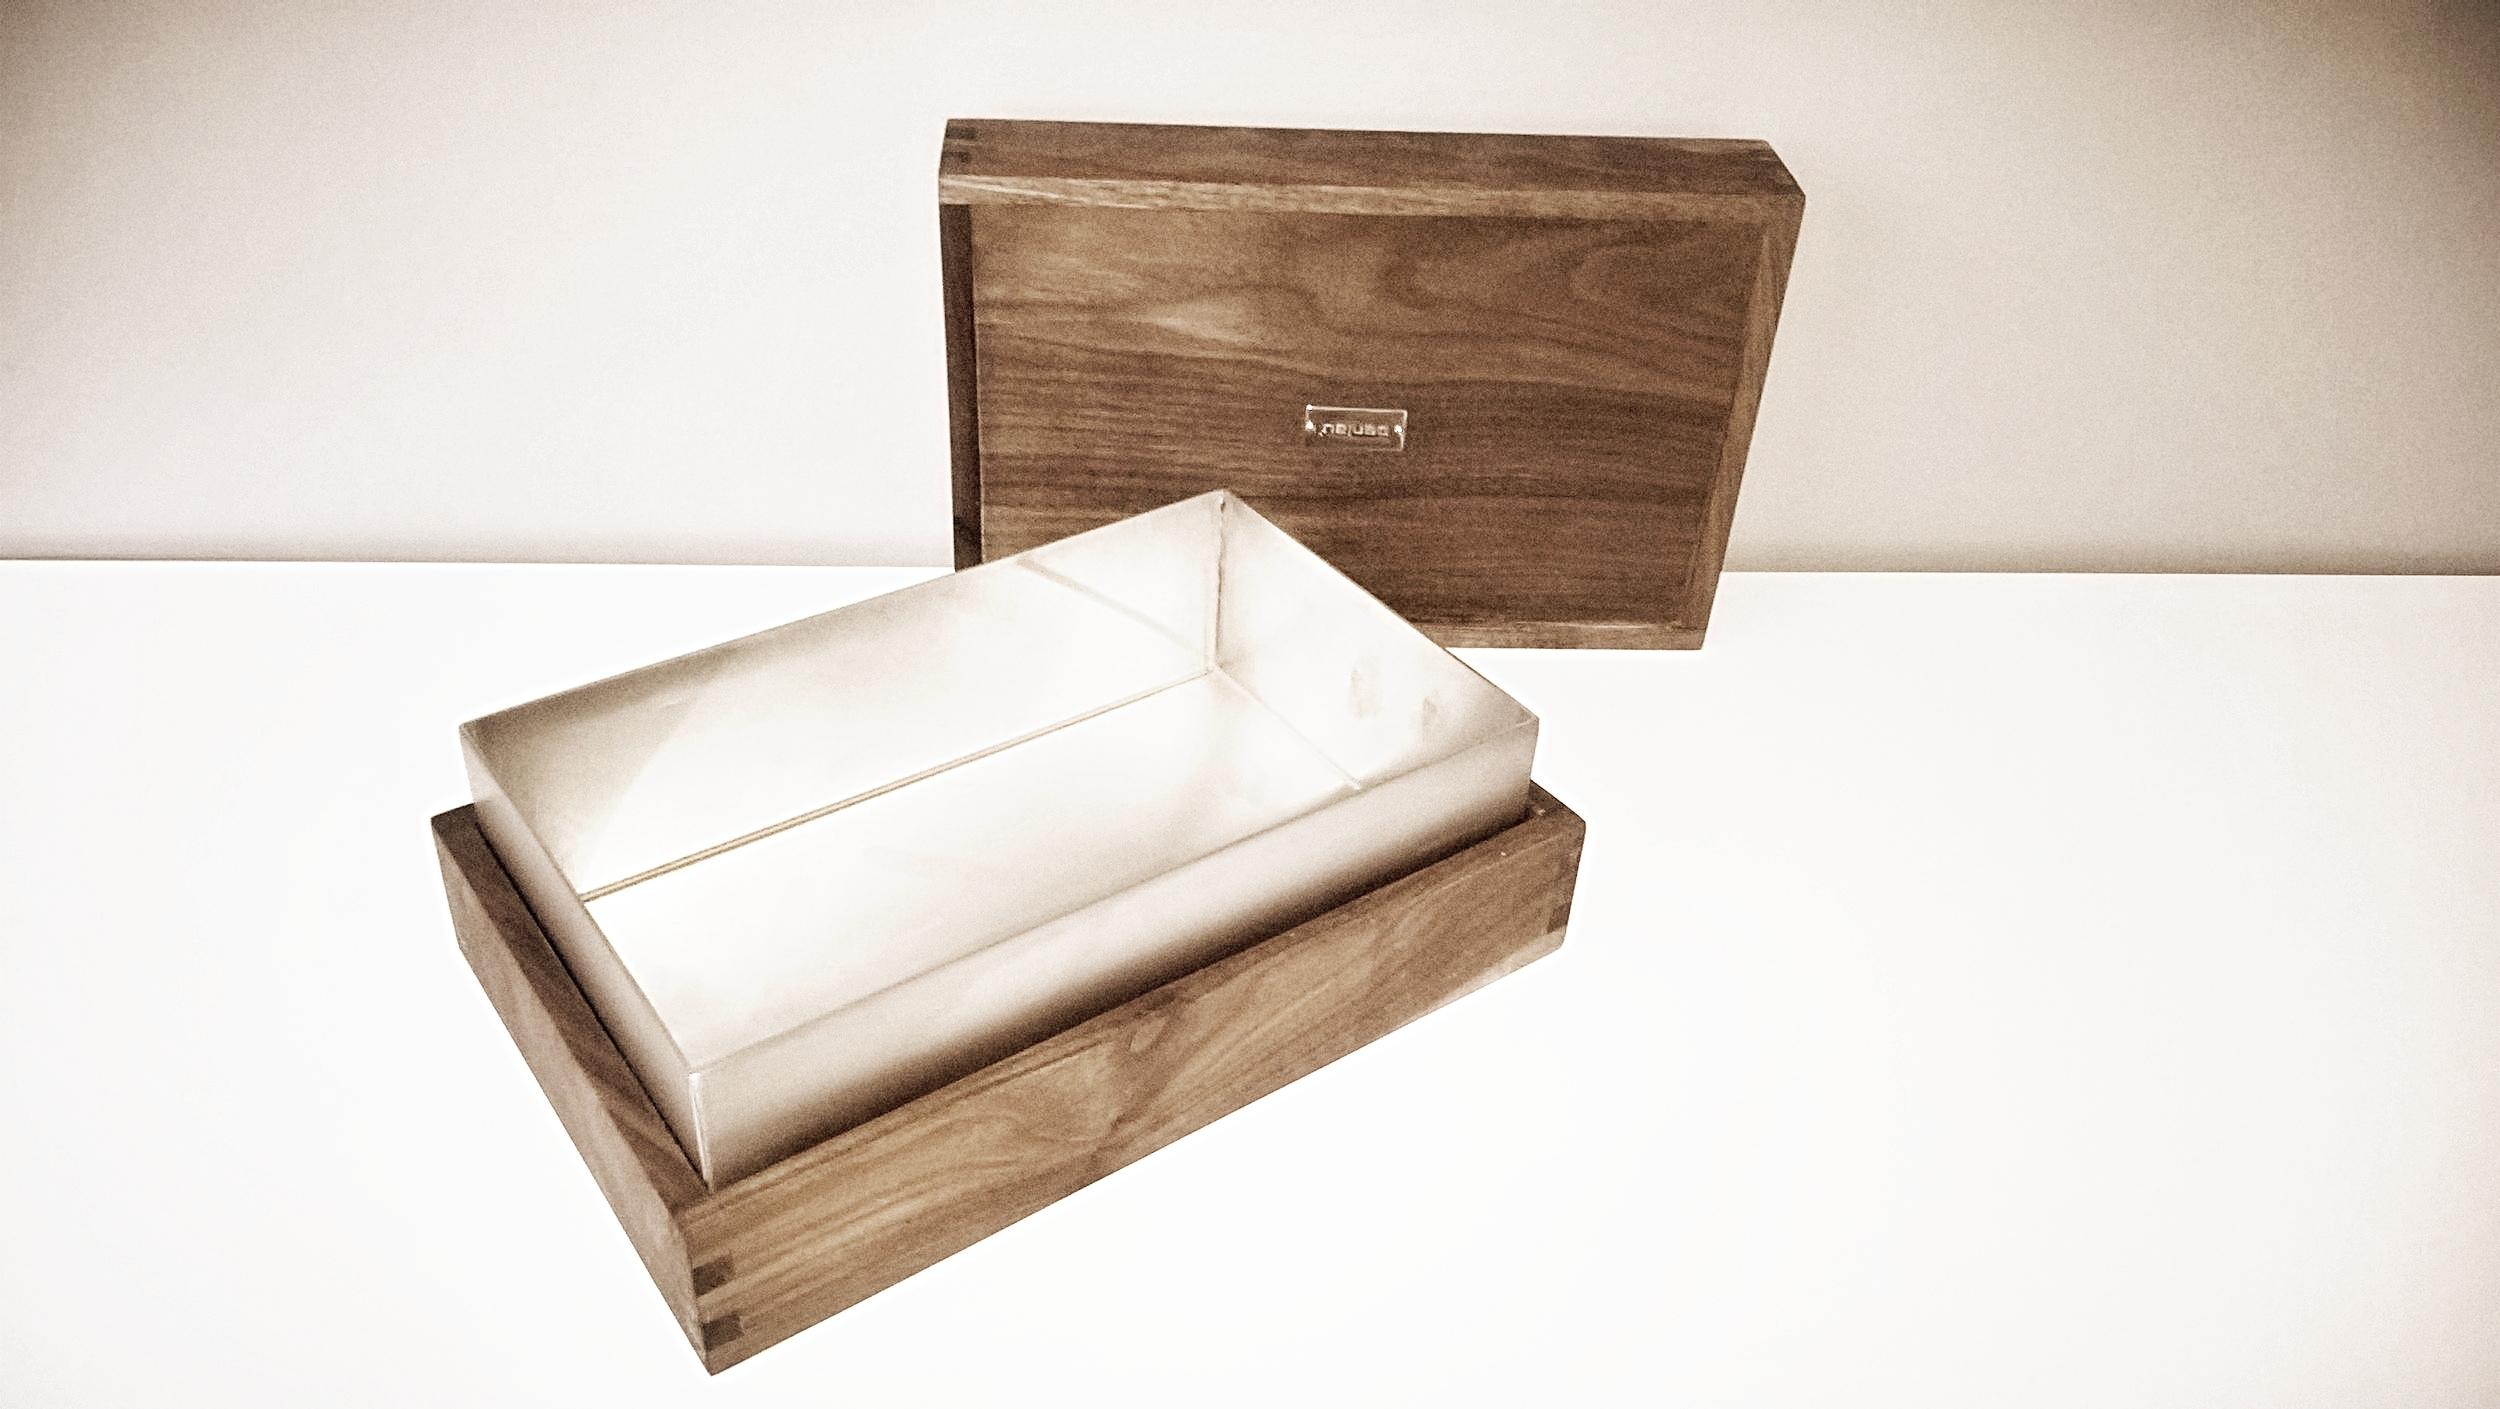 Penlau®  dishbox - large Træ box, olieret valnød 28/18/5 cm (b/d/h) Stål box, børstet rustfrit stål 25,7/15,7/7,5 cm (b/d/h) Låg til box, olieret valnød 28/18/5 cm (b/d/h) Et sæt af 3 dele kr. 1.250,- En del kr. 475,- Varenr. Box3-666-02-large